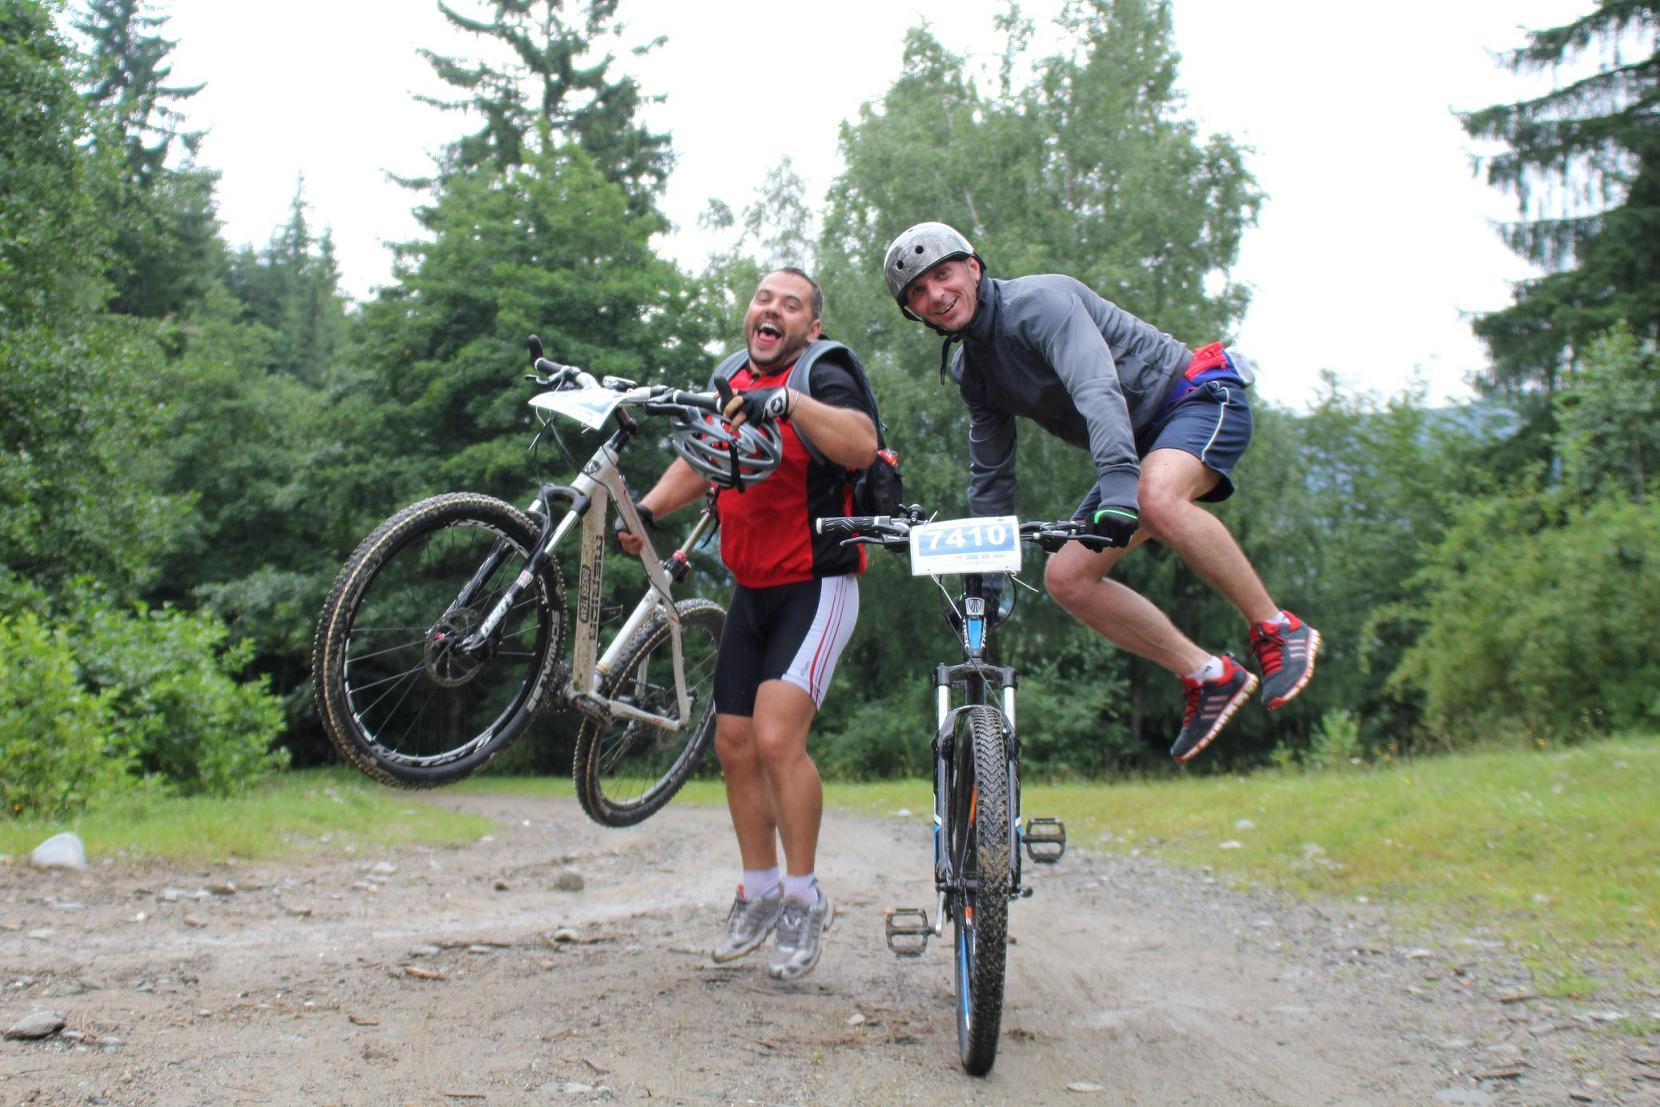 Aventura montană începe la concursul Lupii Dacilor – Trofeul Muscelului